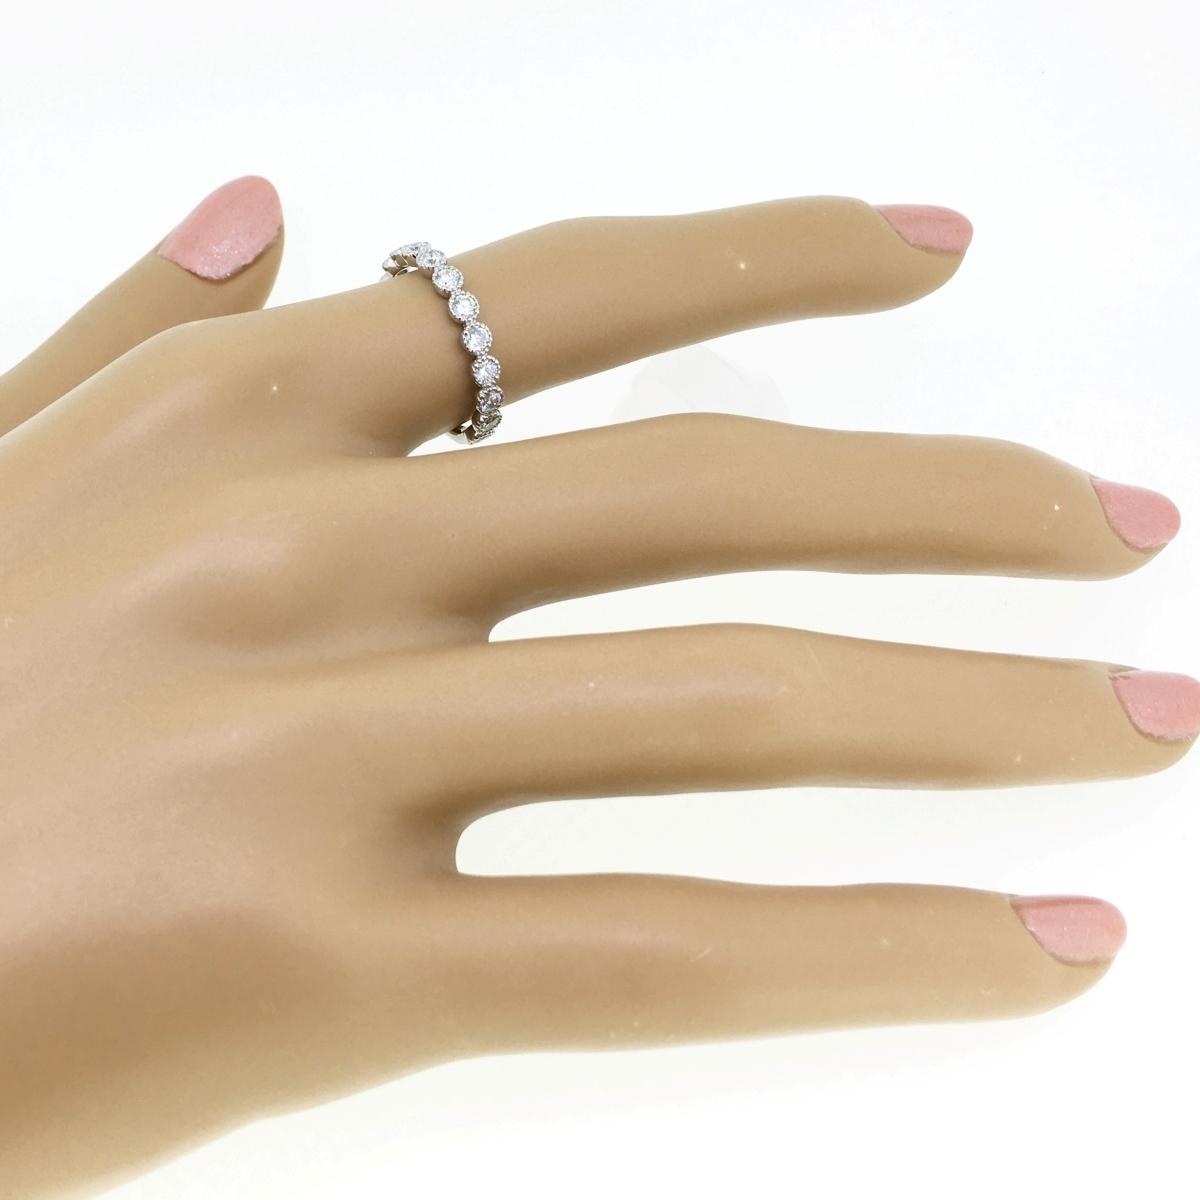 【size8号】ハード プラチナ pt900 天然diamond 0.53ct H&C 3/4 エタニティ リング【鑑別書付】_画像9